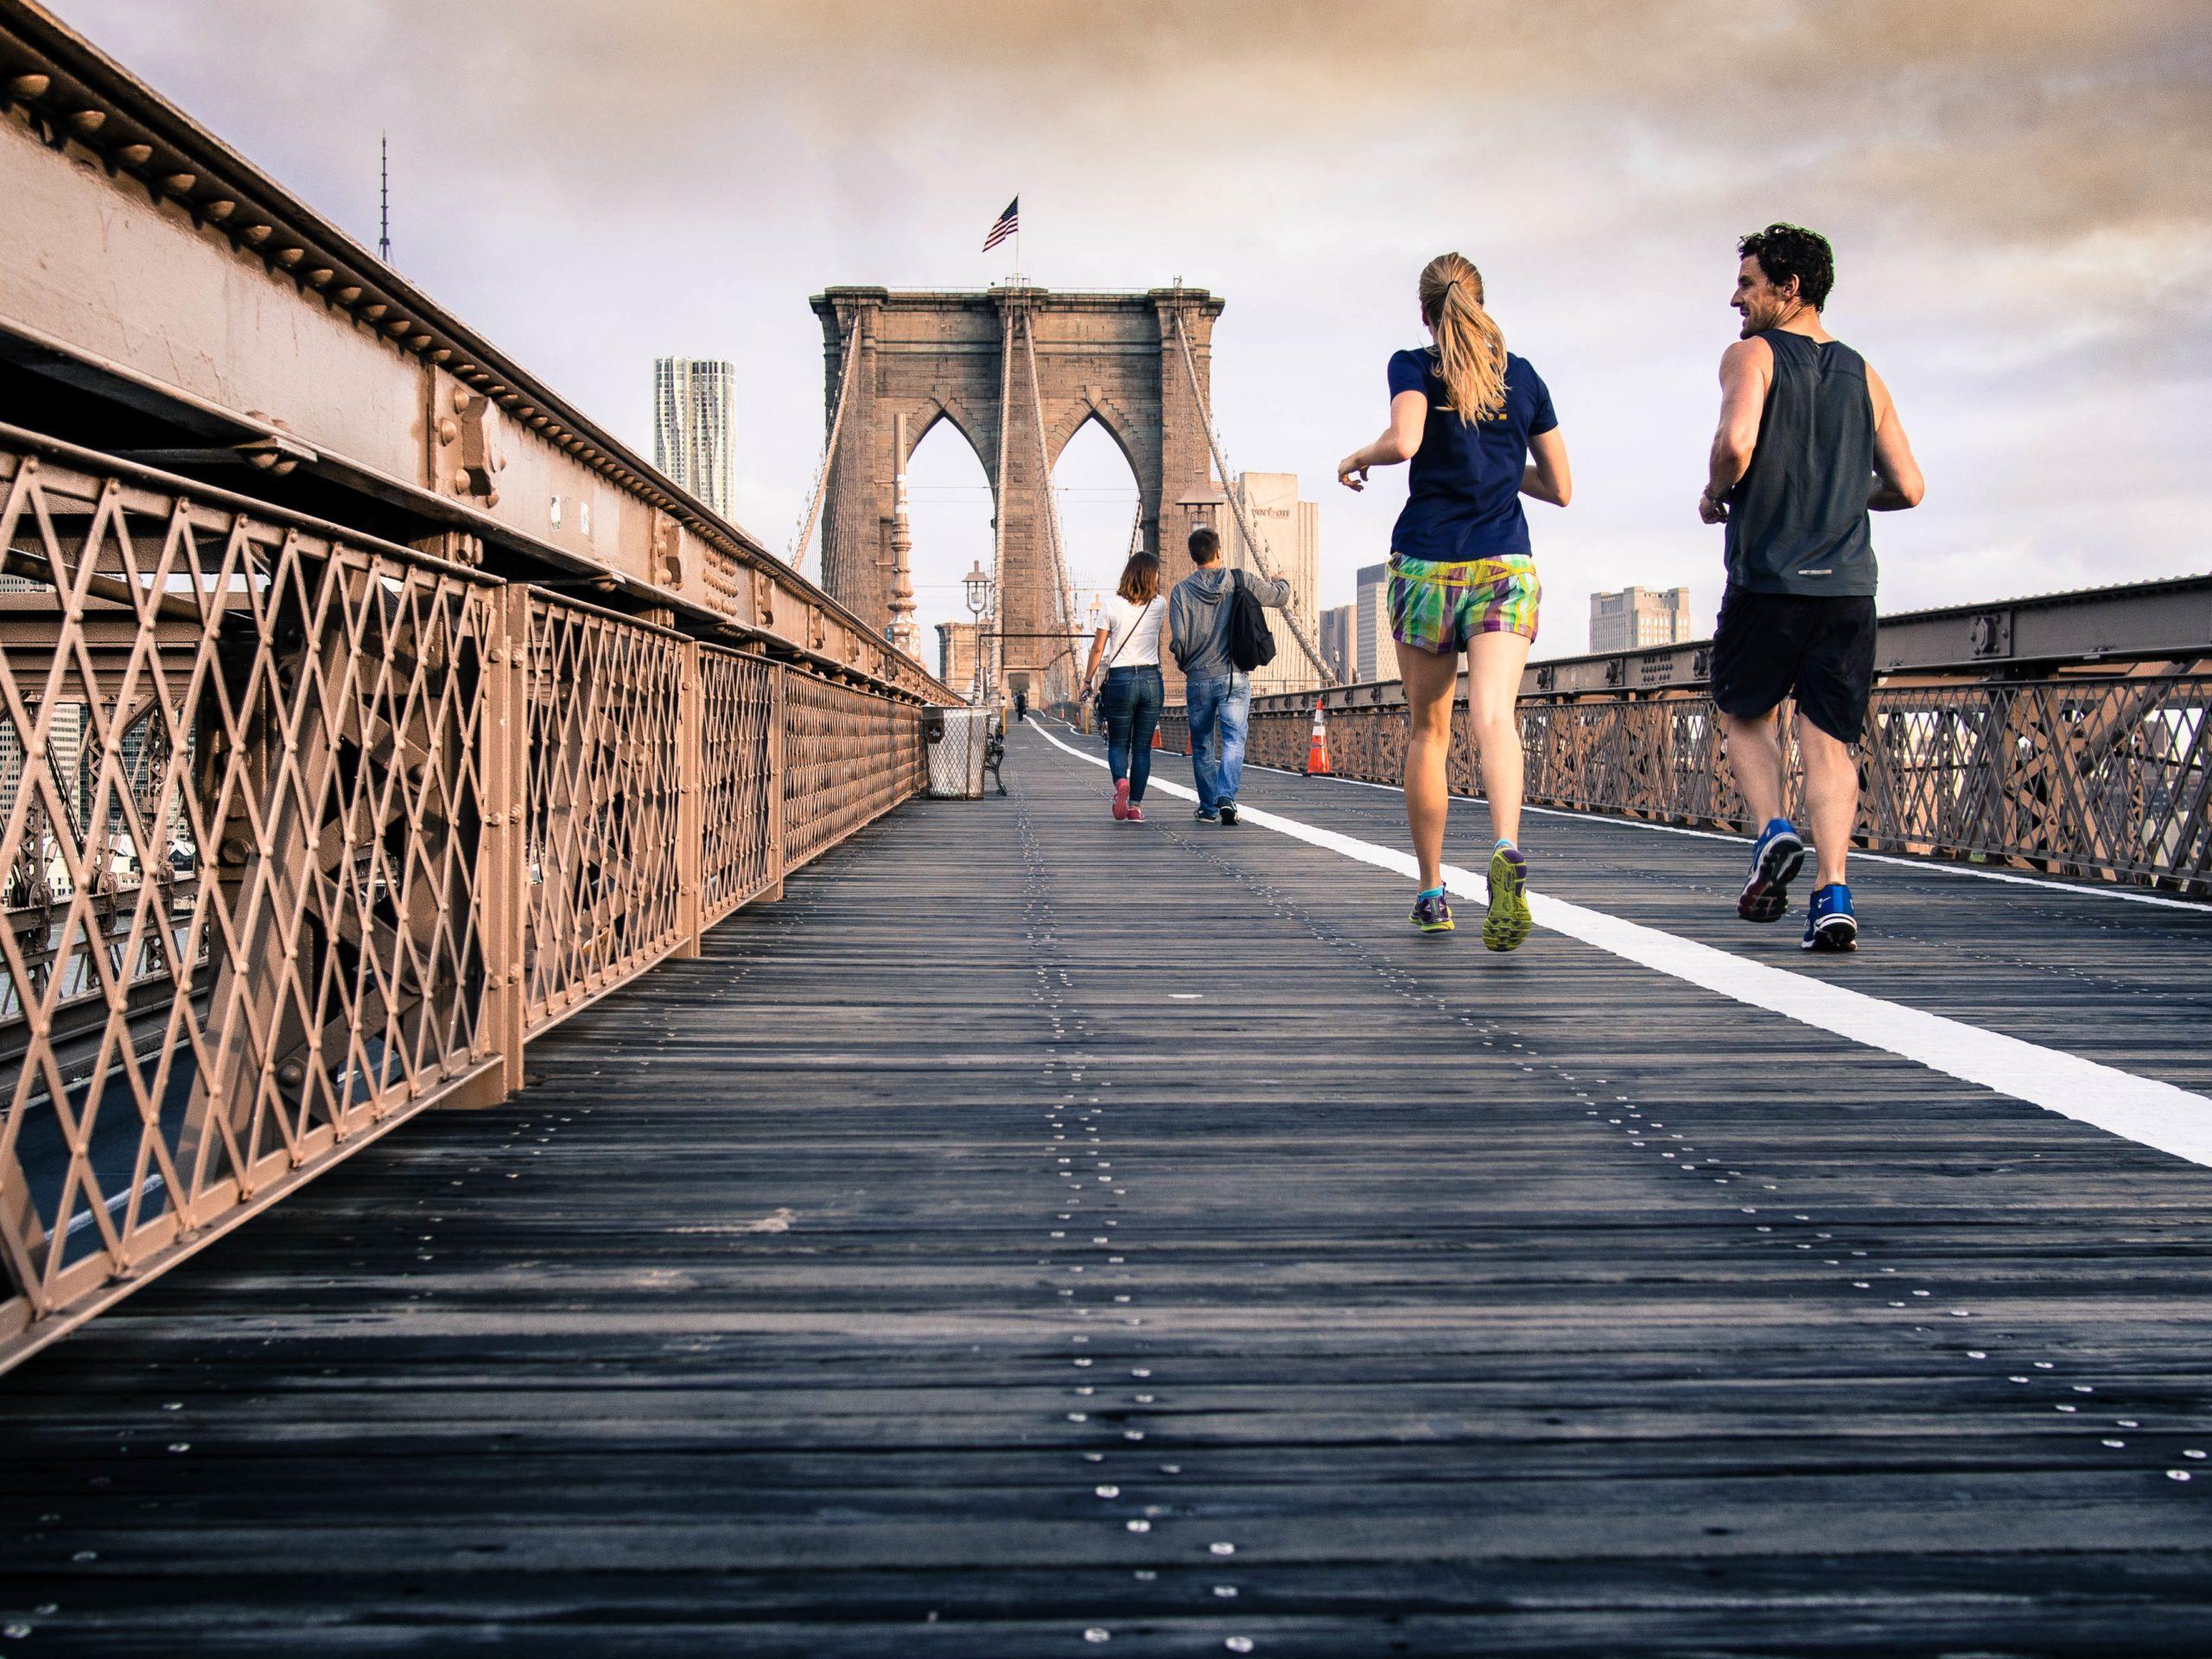 homme et femme qui court sur un pont